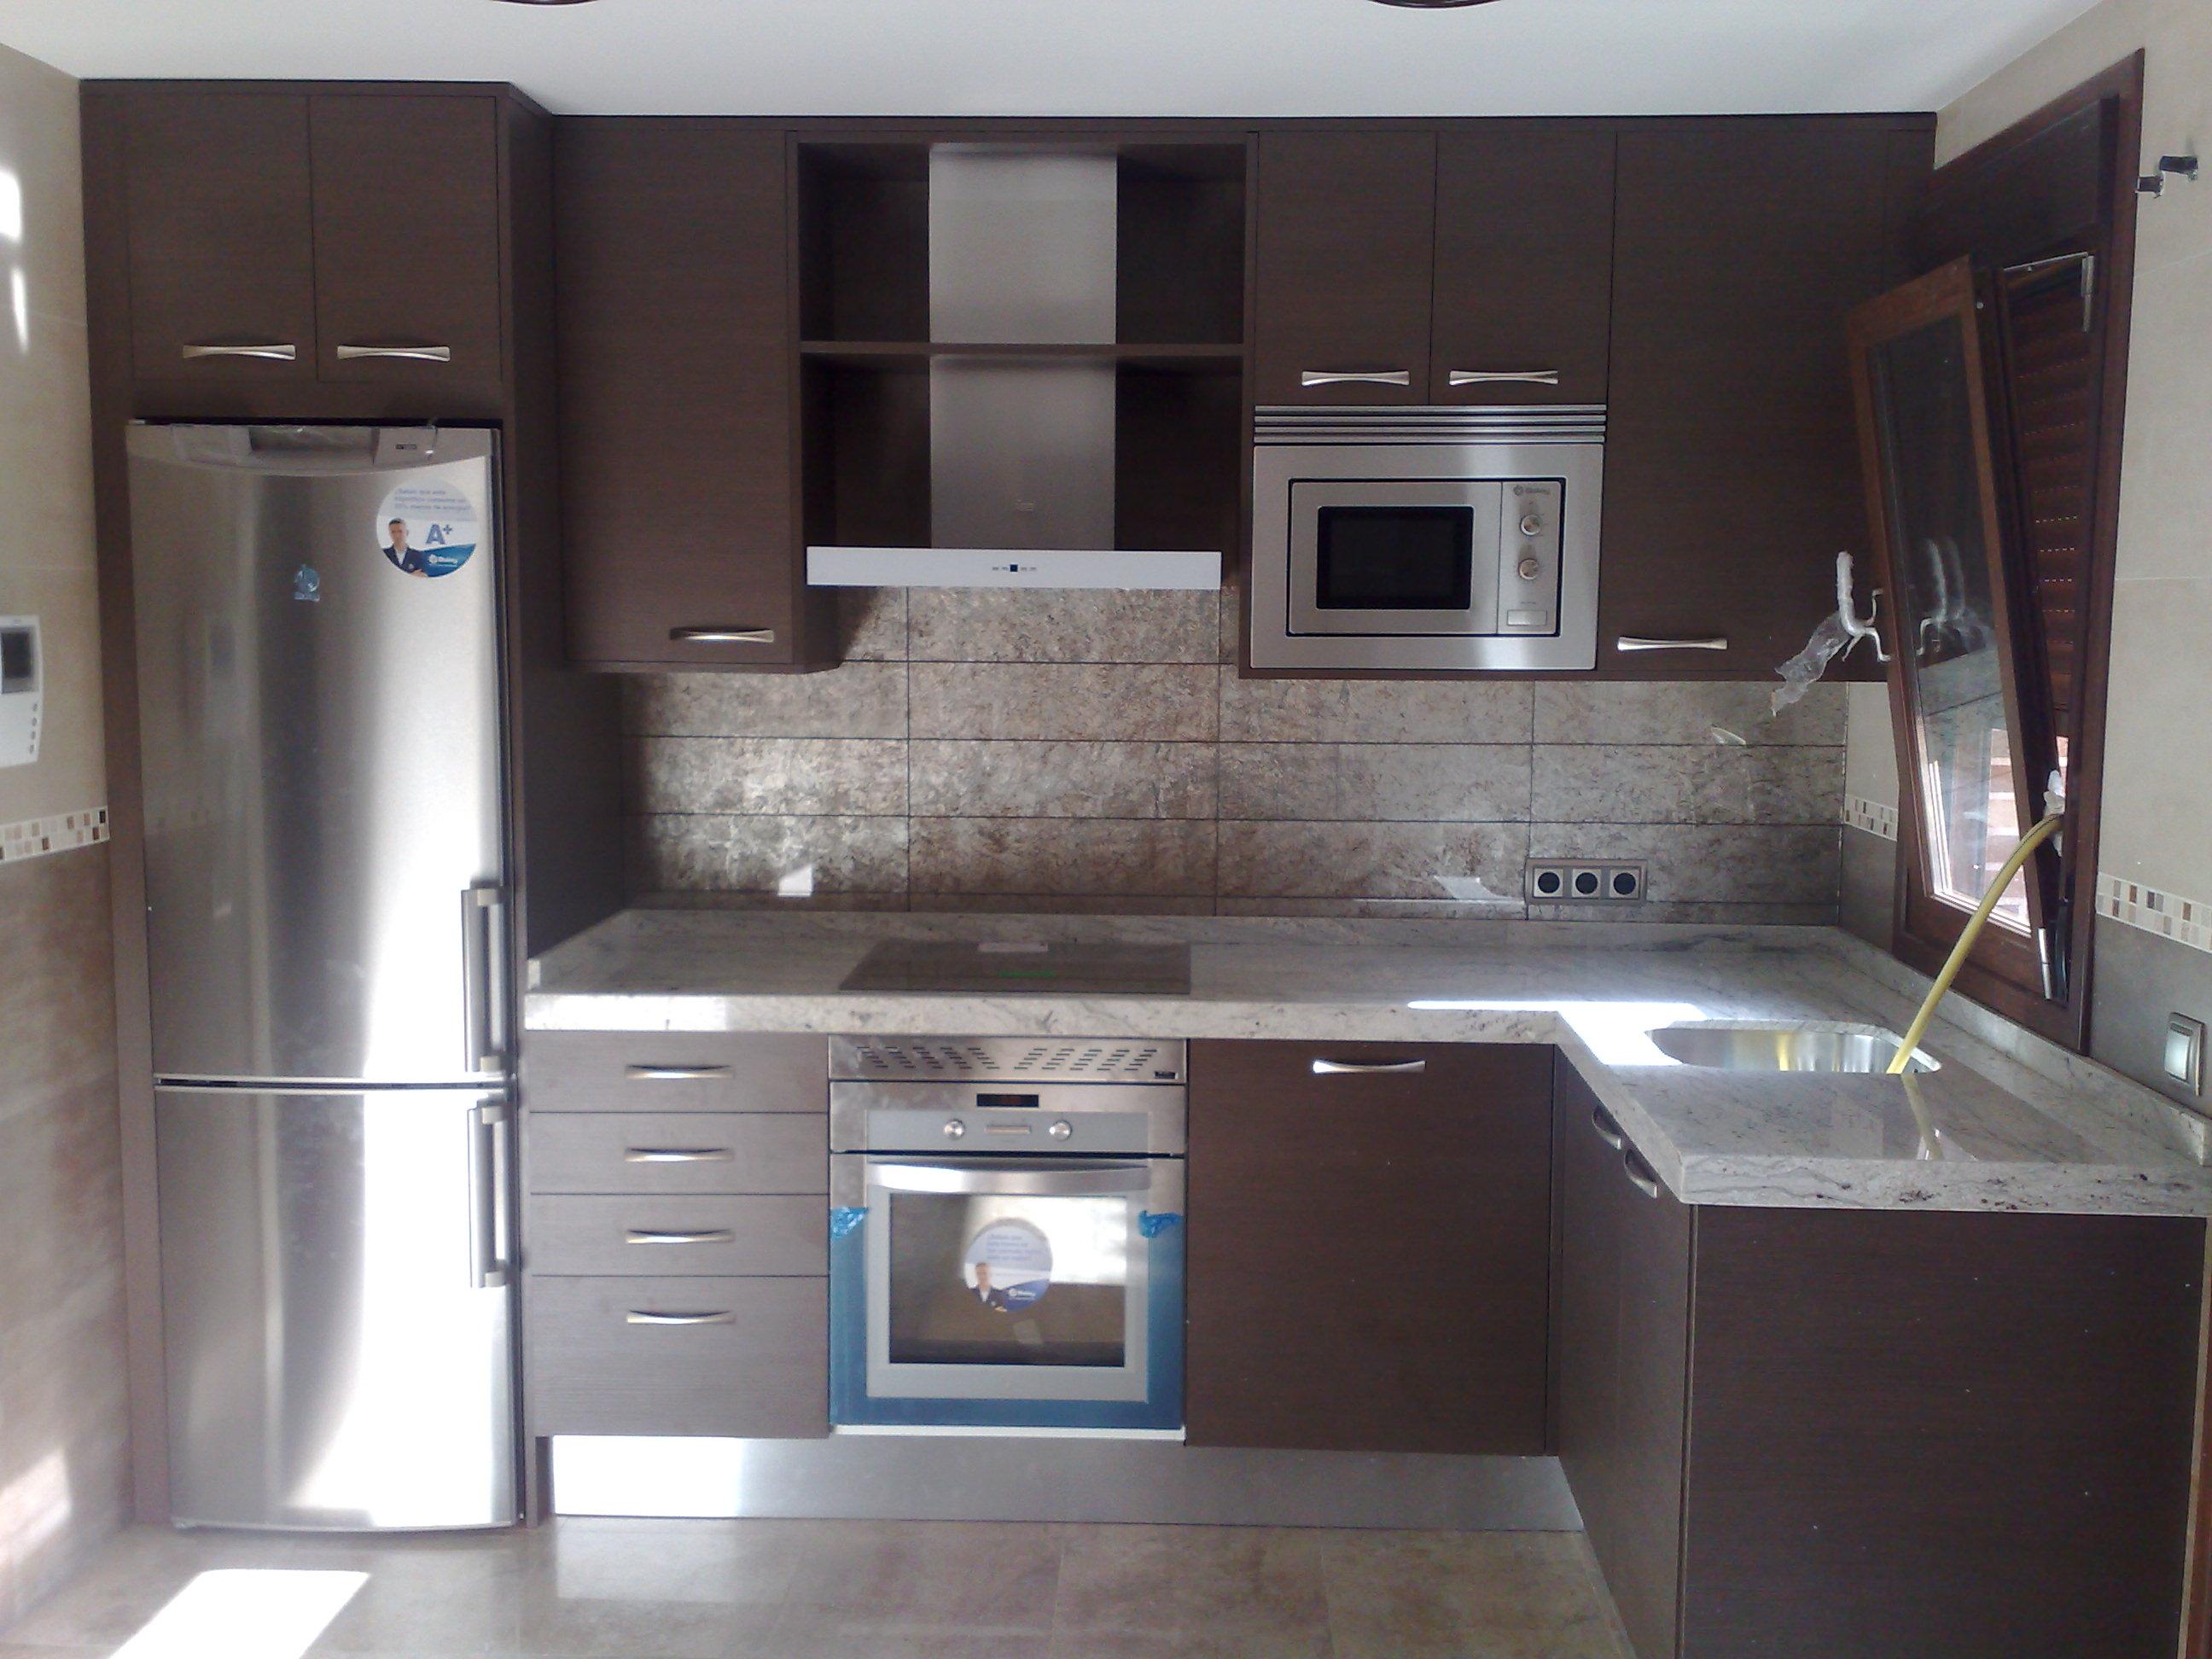 Muebles valdecocina muebles de cocina - Muebles de cocina tenerife ...